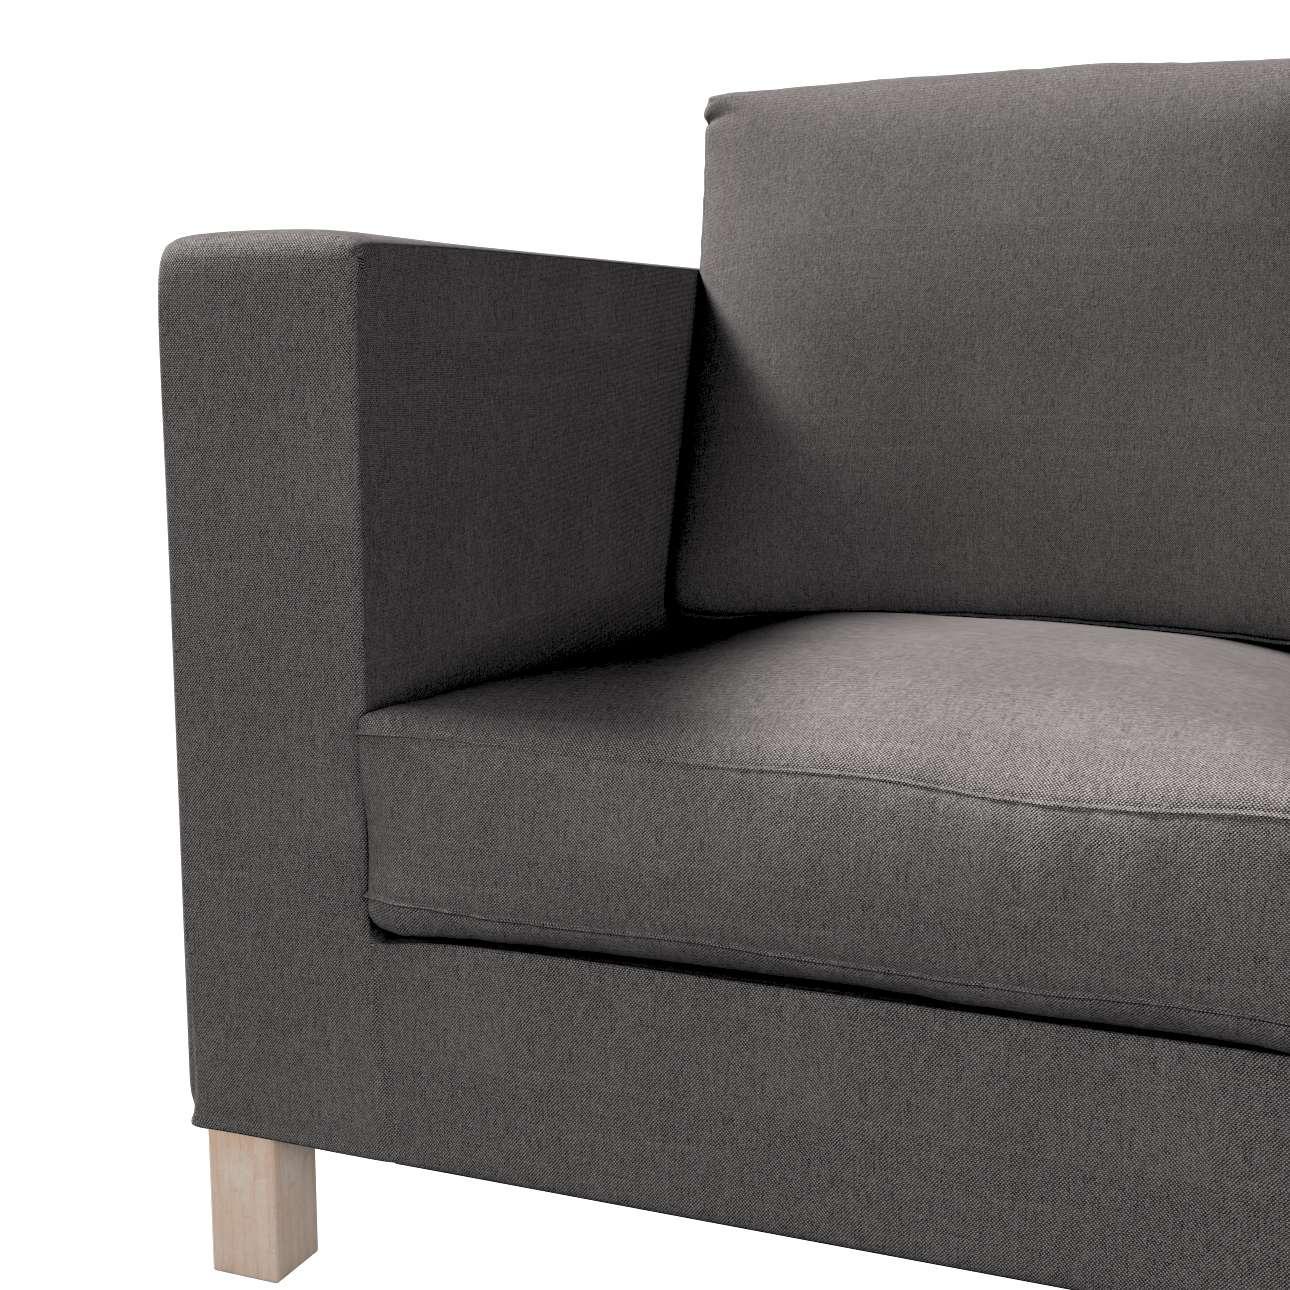 Karlanda klädsel <br>3-sits soffa - kort klädsel i kollektionen Etna, Tyg: 705-35